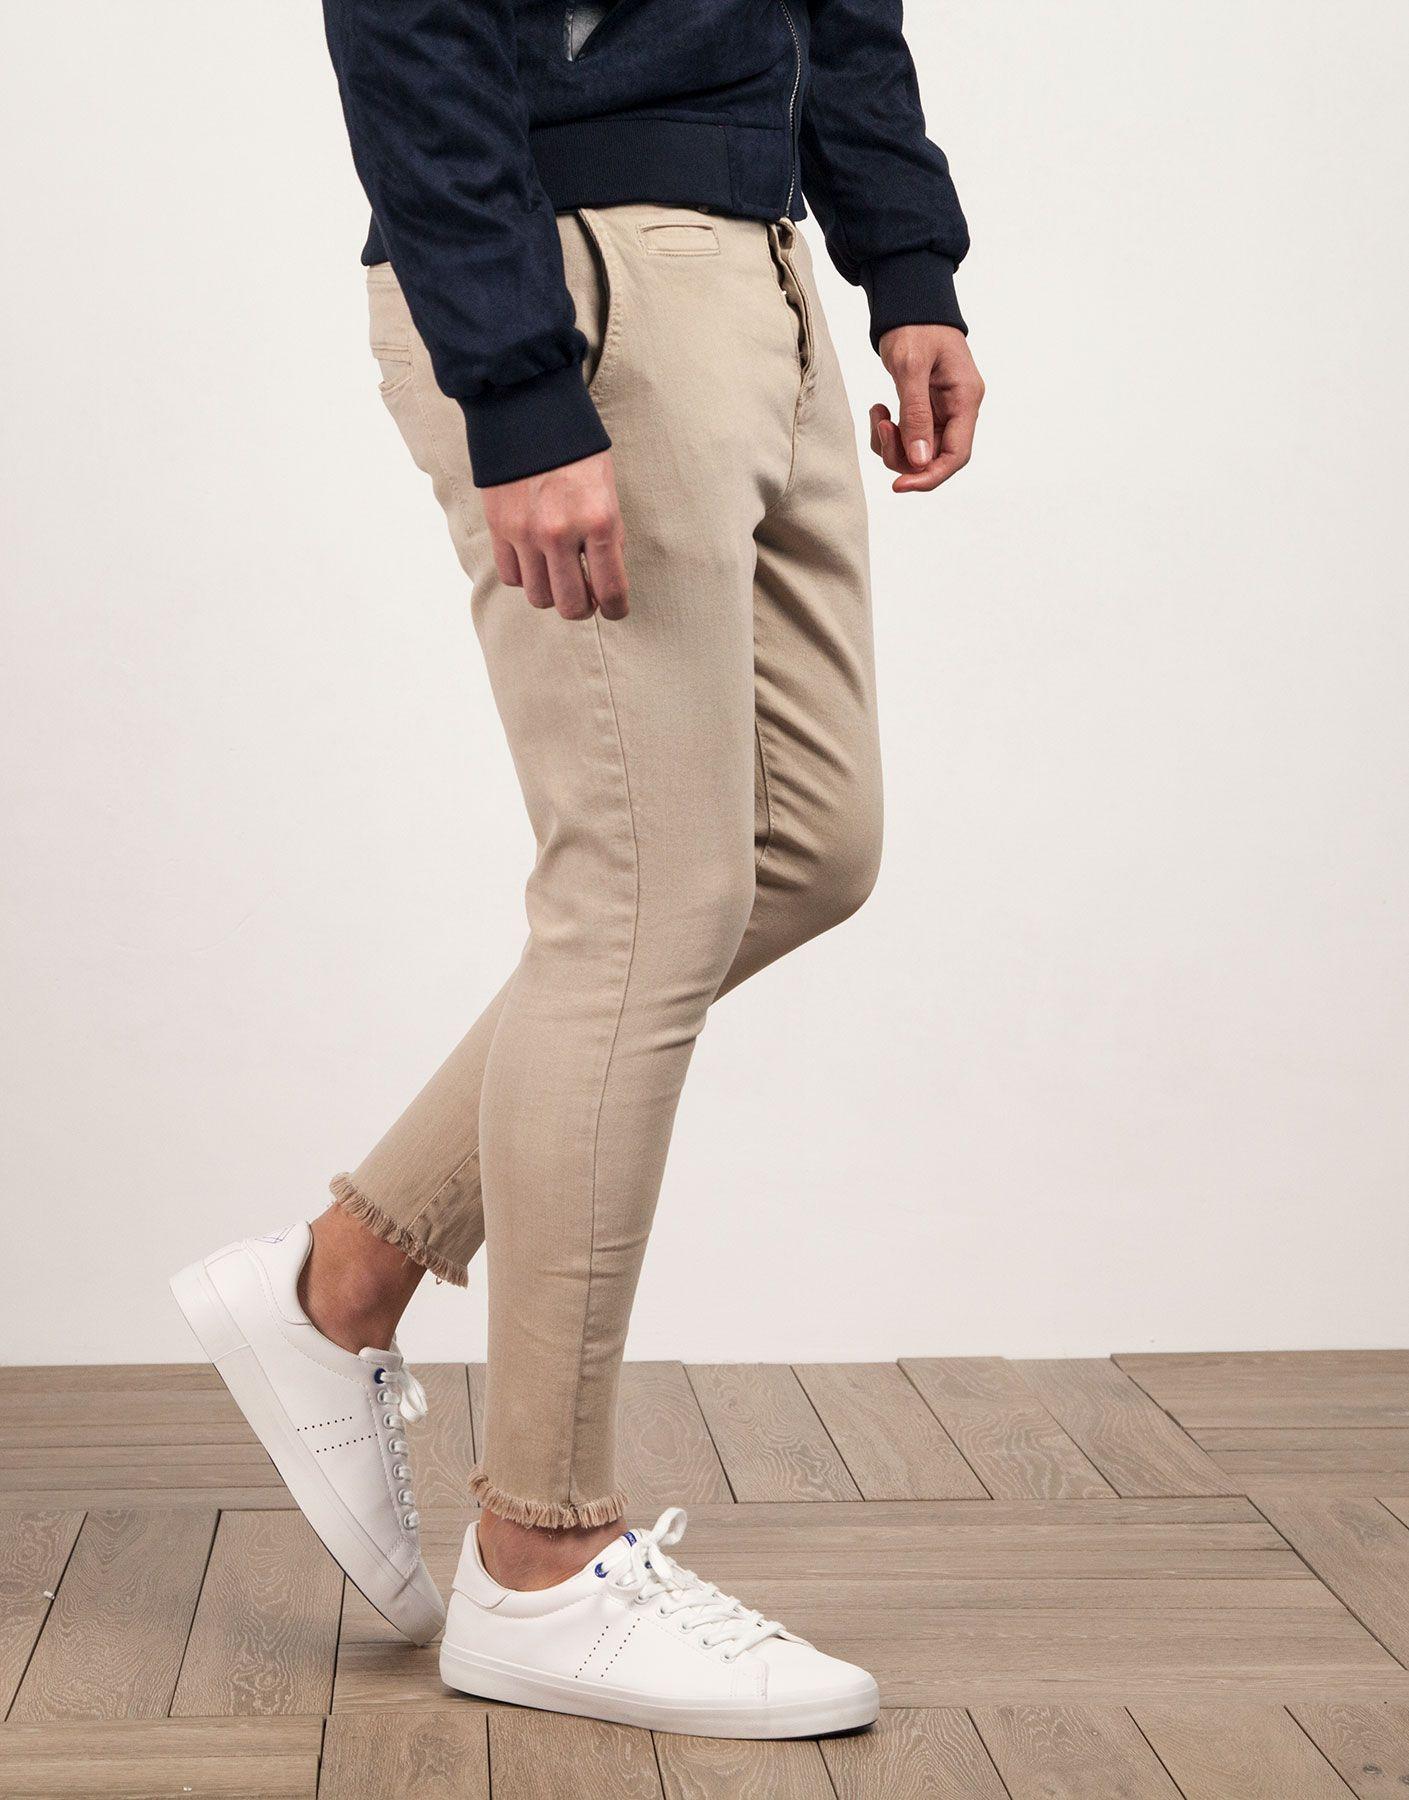 Pantalon Chino Algodon Beige Jvz Pantalones Chinos Pantalones Moda Casual Hombre